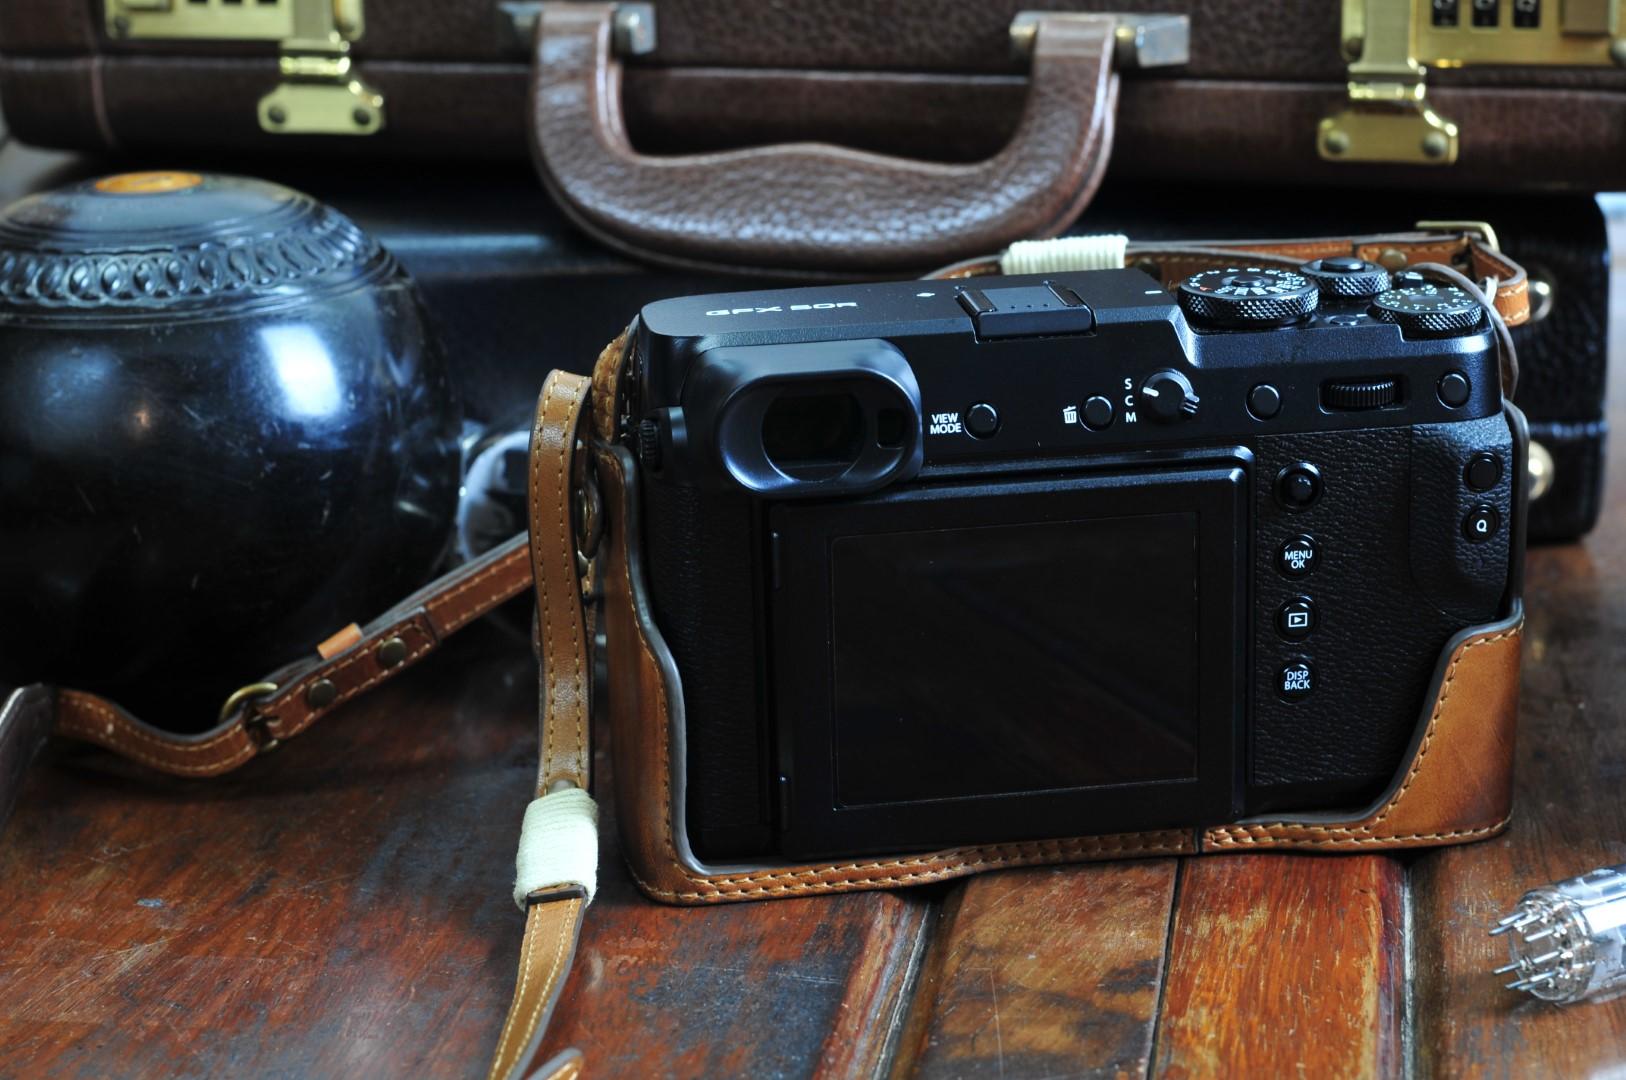 GFX50R leather half case, GFX50R half case